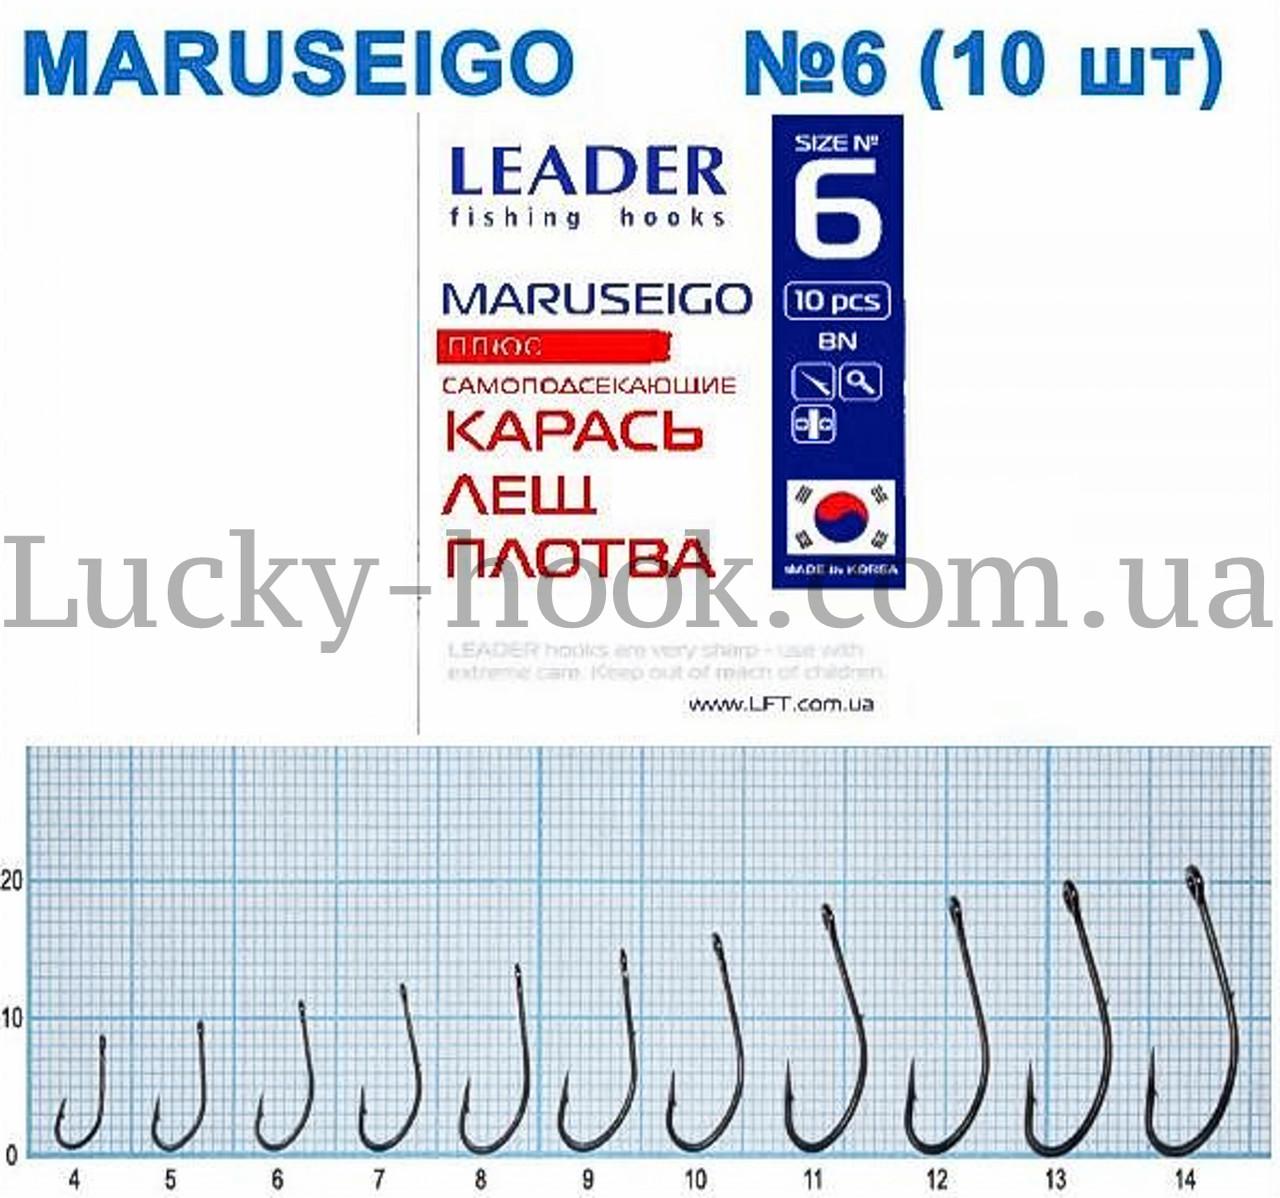 Крючок Leader Maruseigo плюс самоподсекающие (Карась, лещ, плотва) № 6